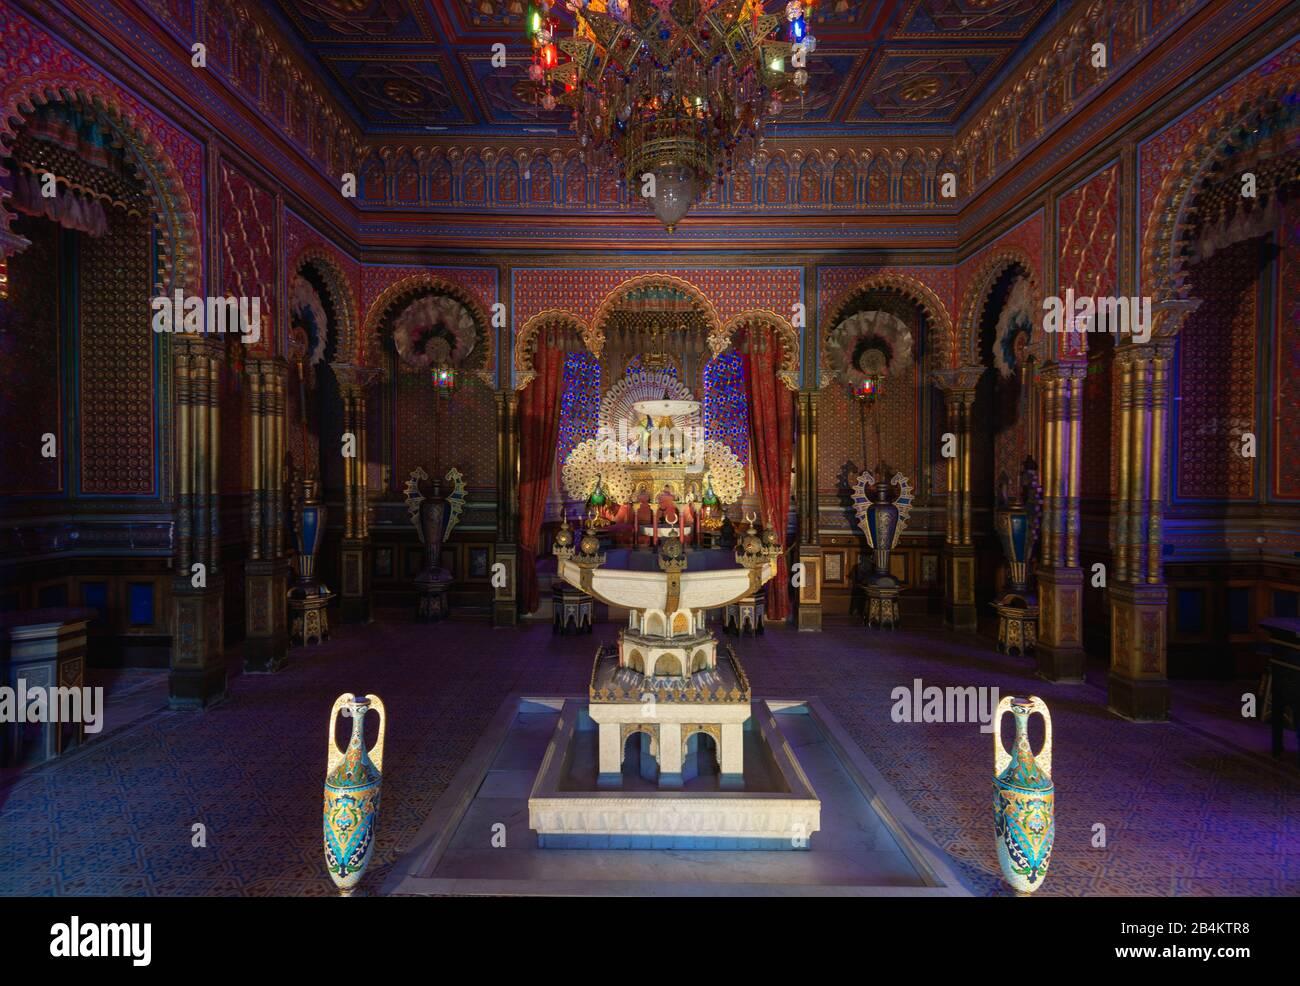 Linderhof Interior Stockfotos Und Bilder Kaufen Alamy